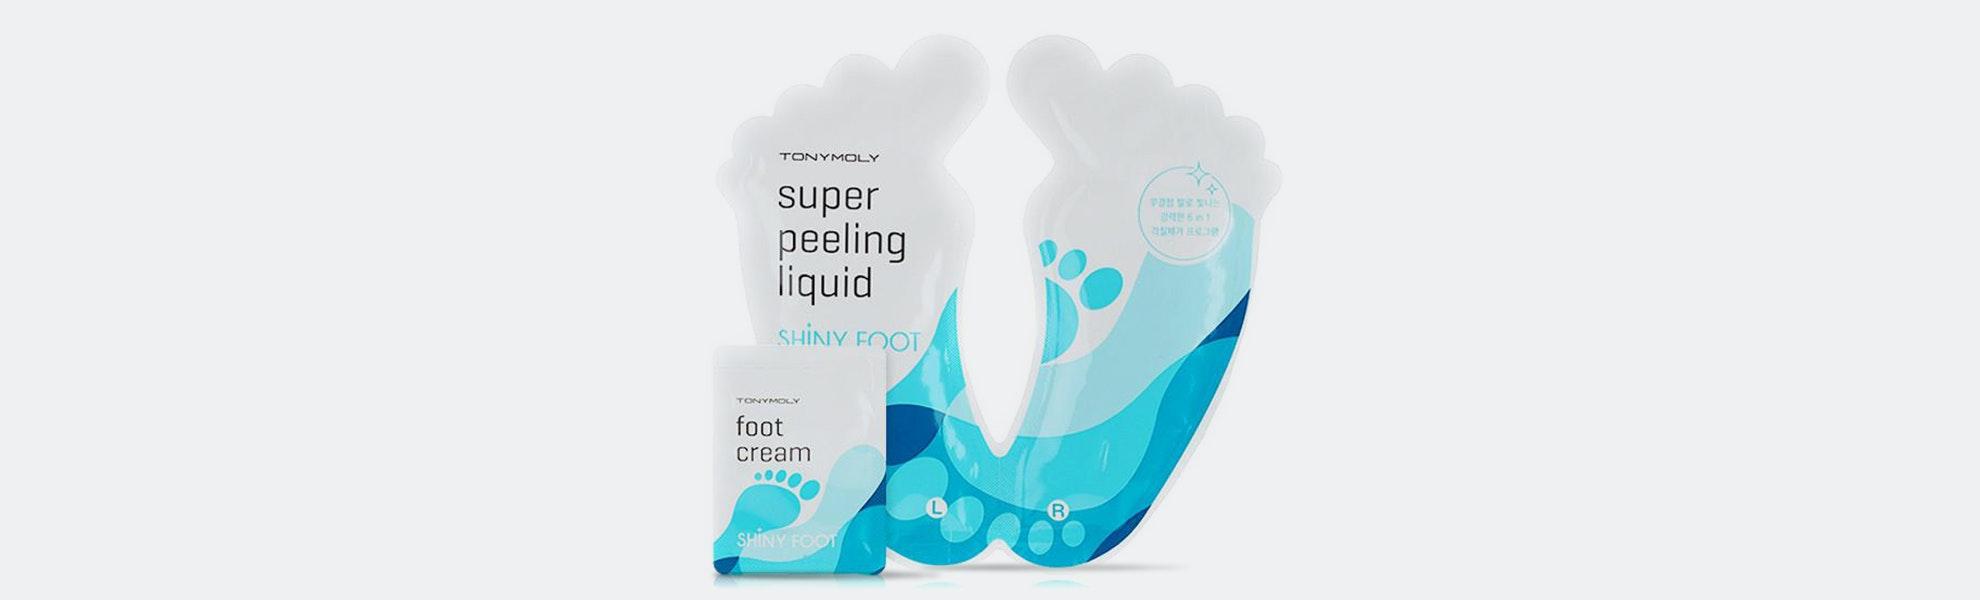 Tony Moly Shiny Foot Super Peeling Liquid